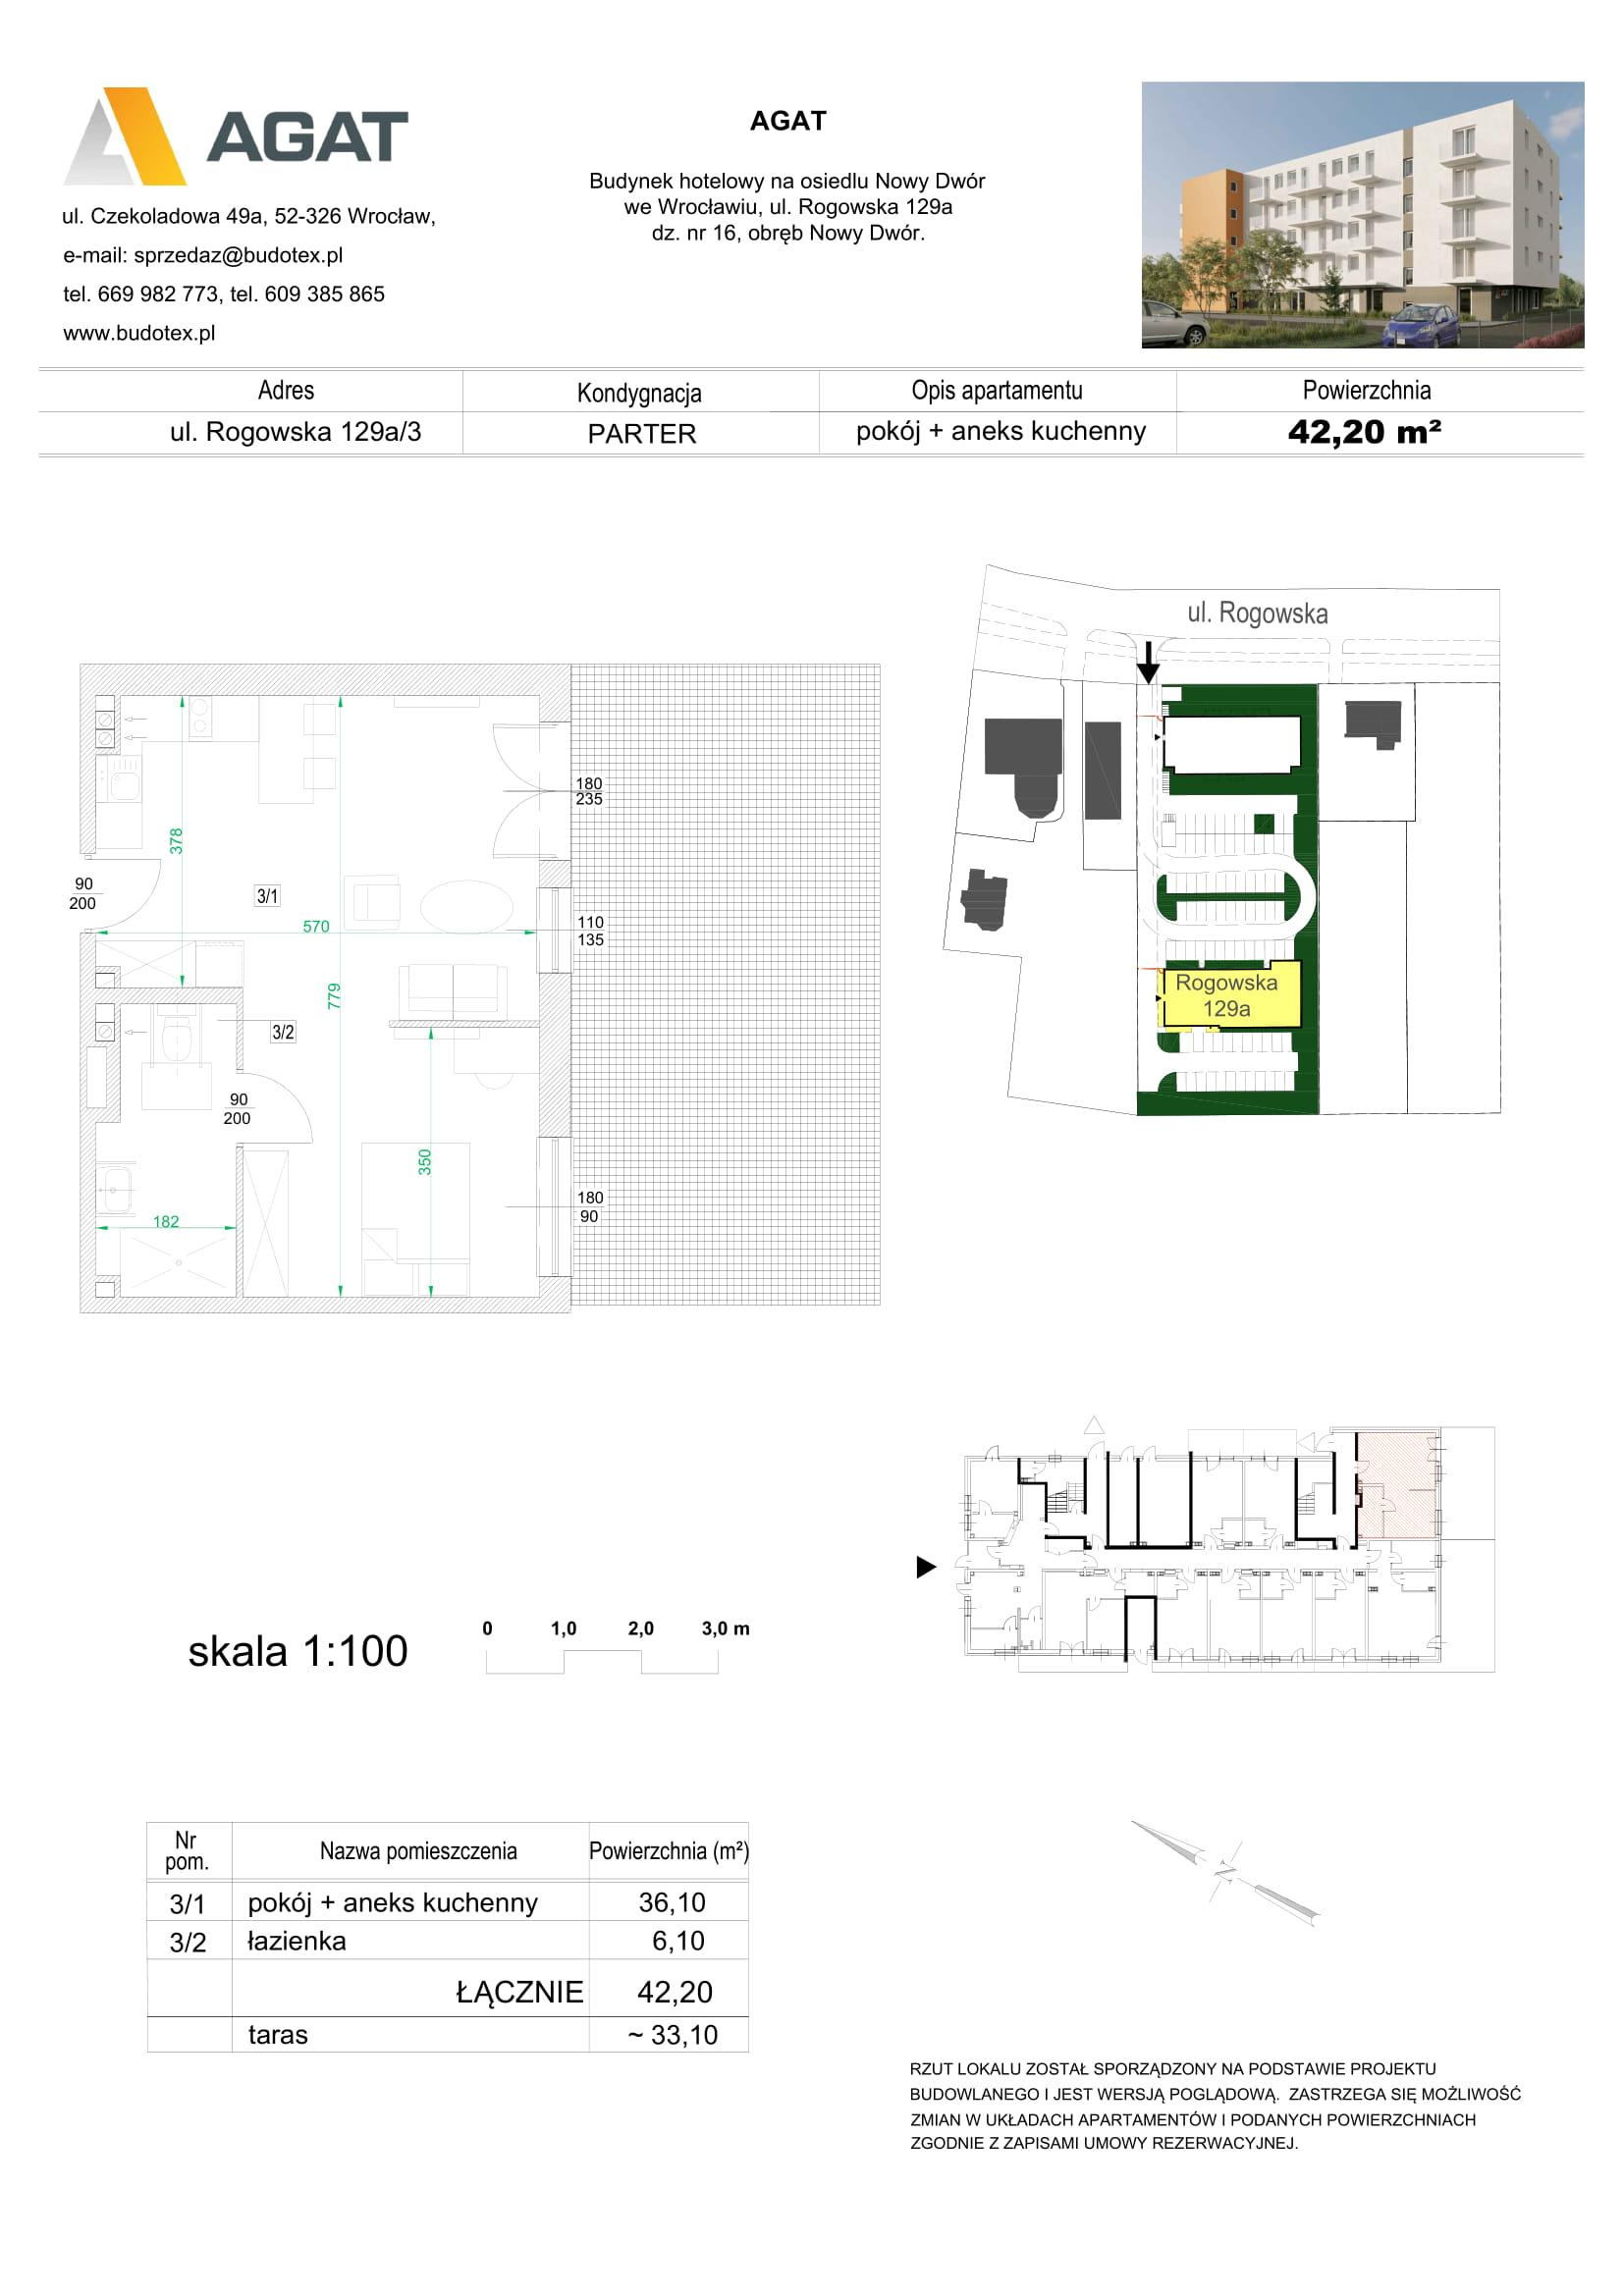 Mieszkanie nr 3